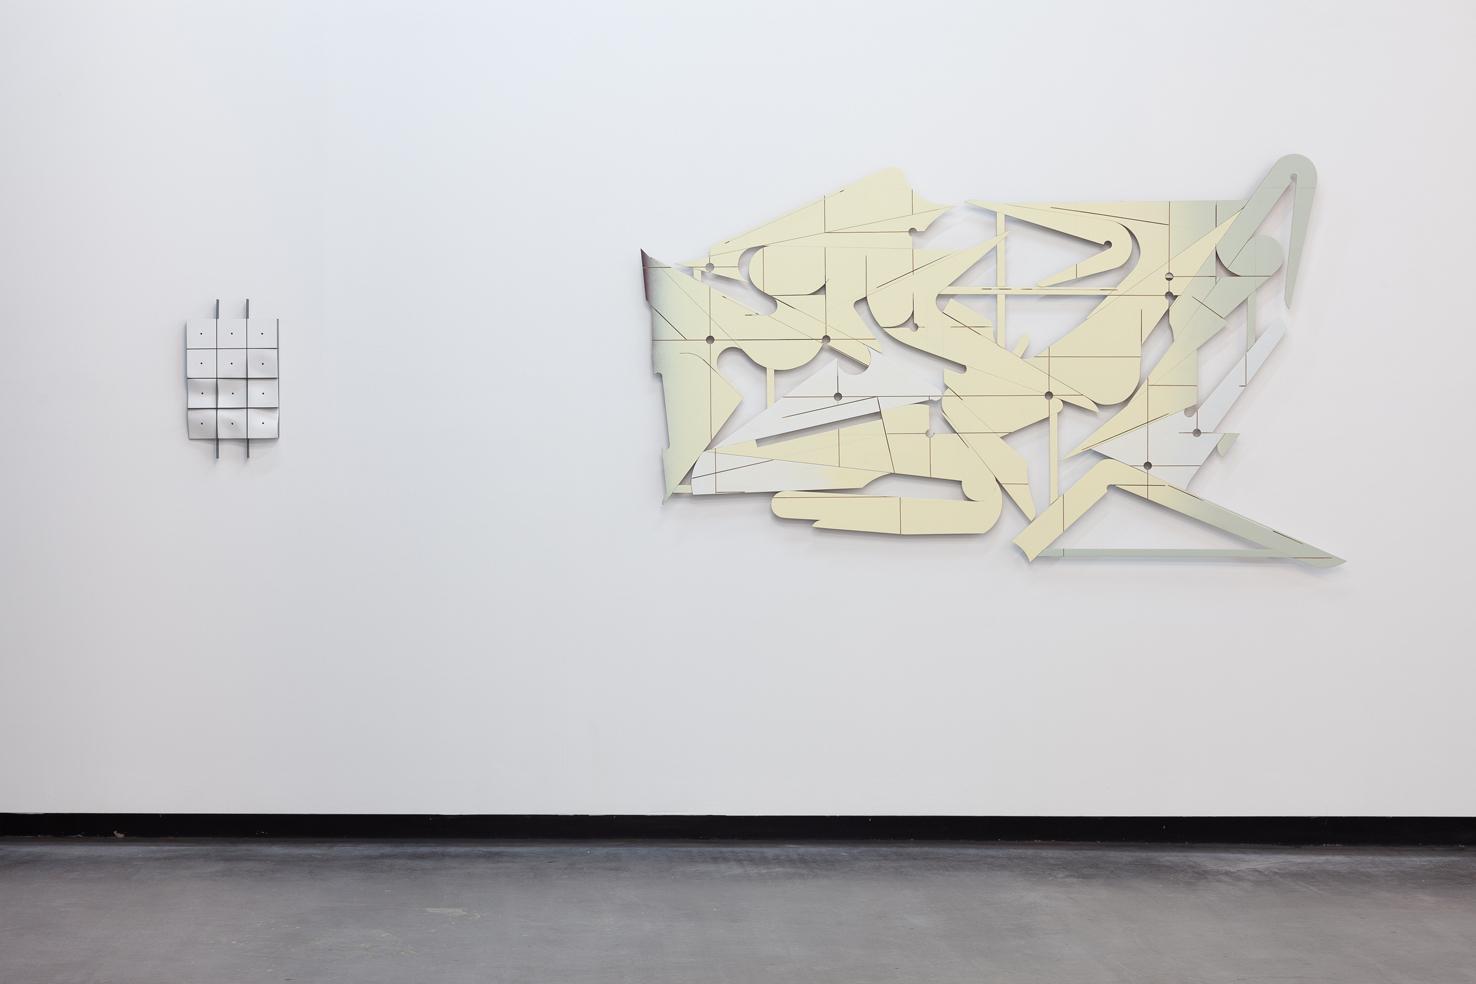 Benjamin Bronni, Somewhere Between - Kantum, 2014. Widok wystawy. Dzięki uprzejmości Galerie Parrotta Contemporary Art